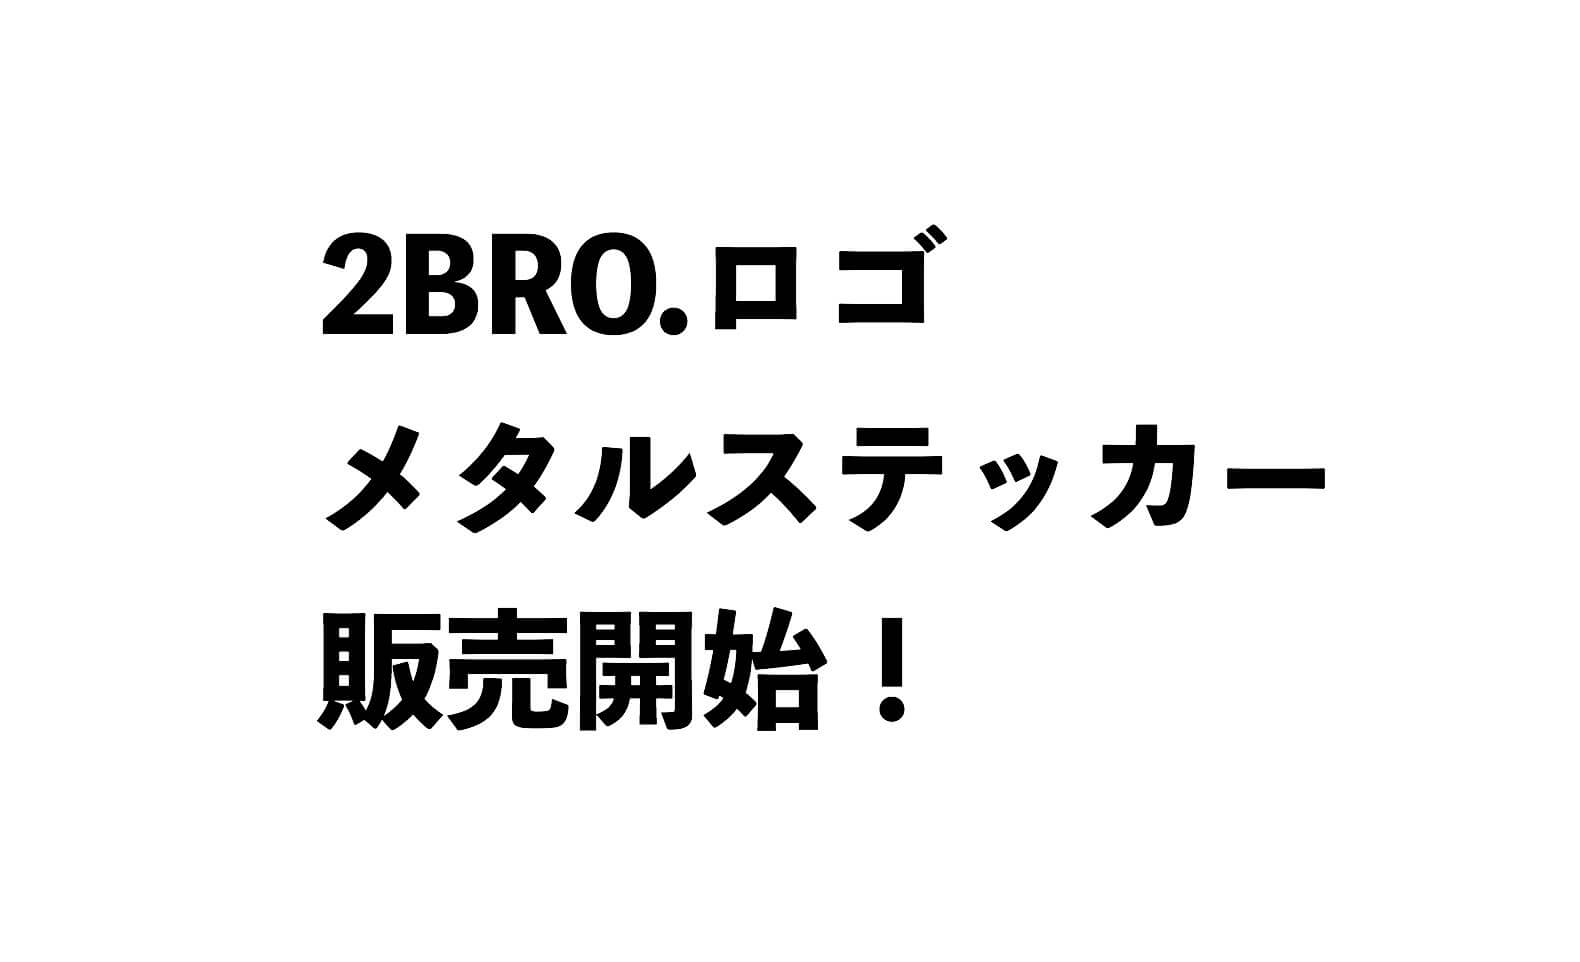 2BRO.ロゴメタルステッカーが一瞬で完売してしまった件